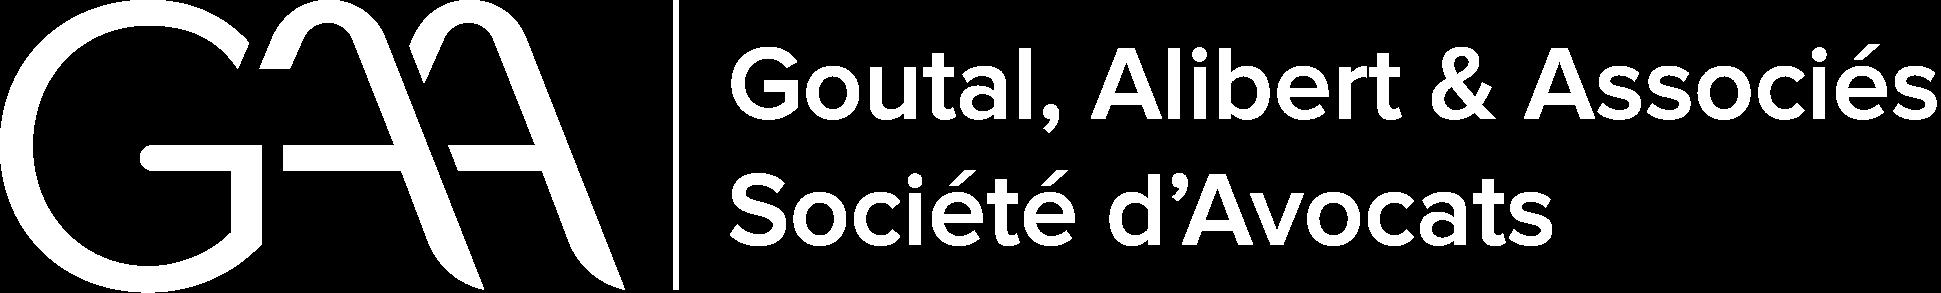 Goutal Alibert & Associés, société d'avocat